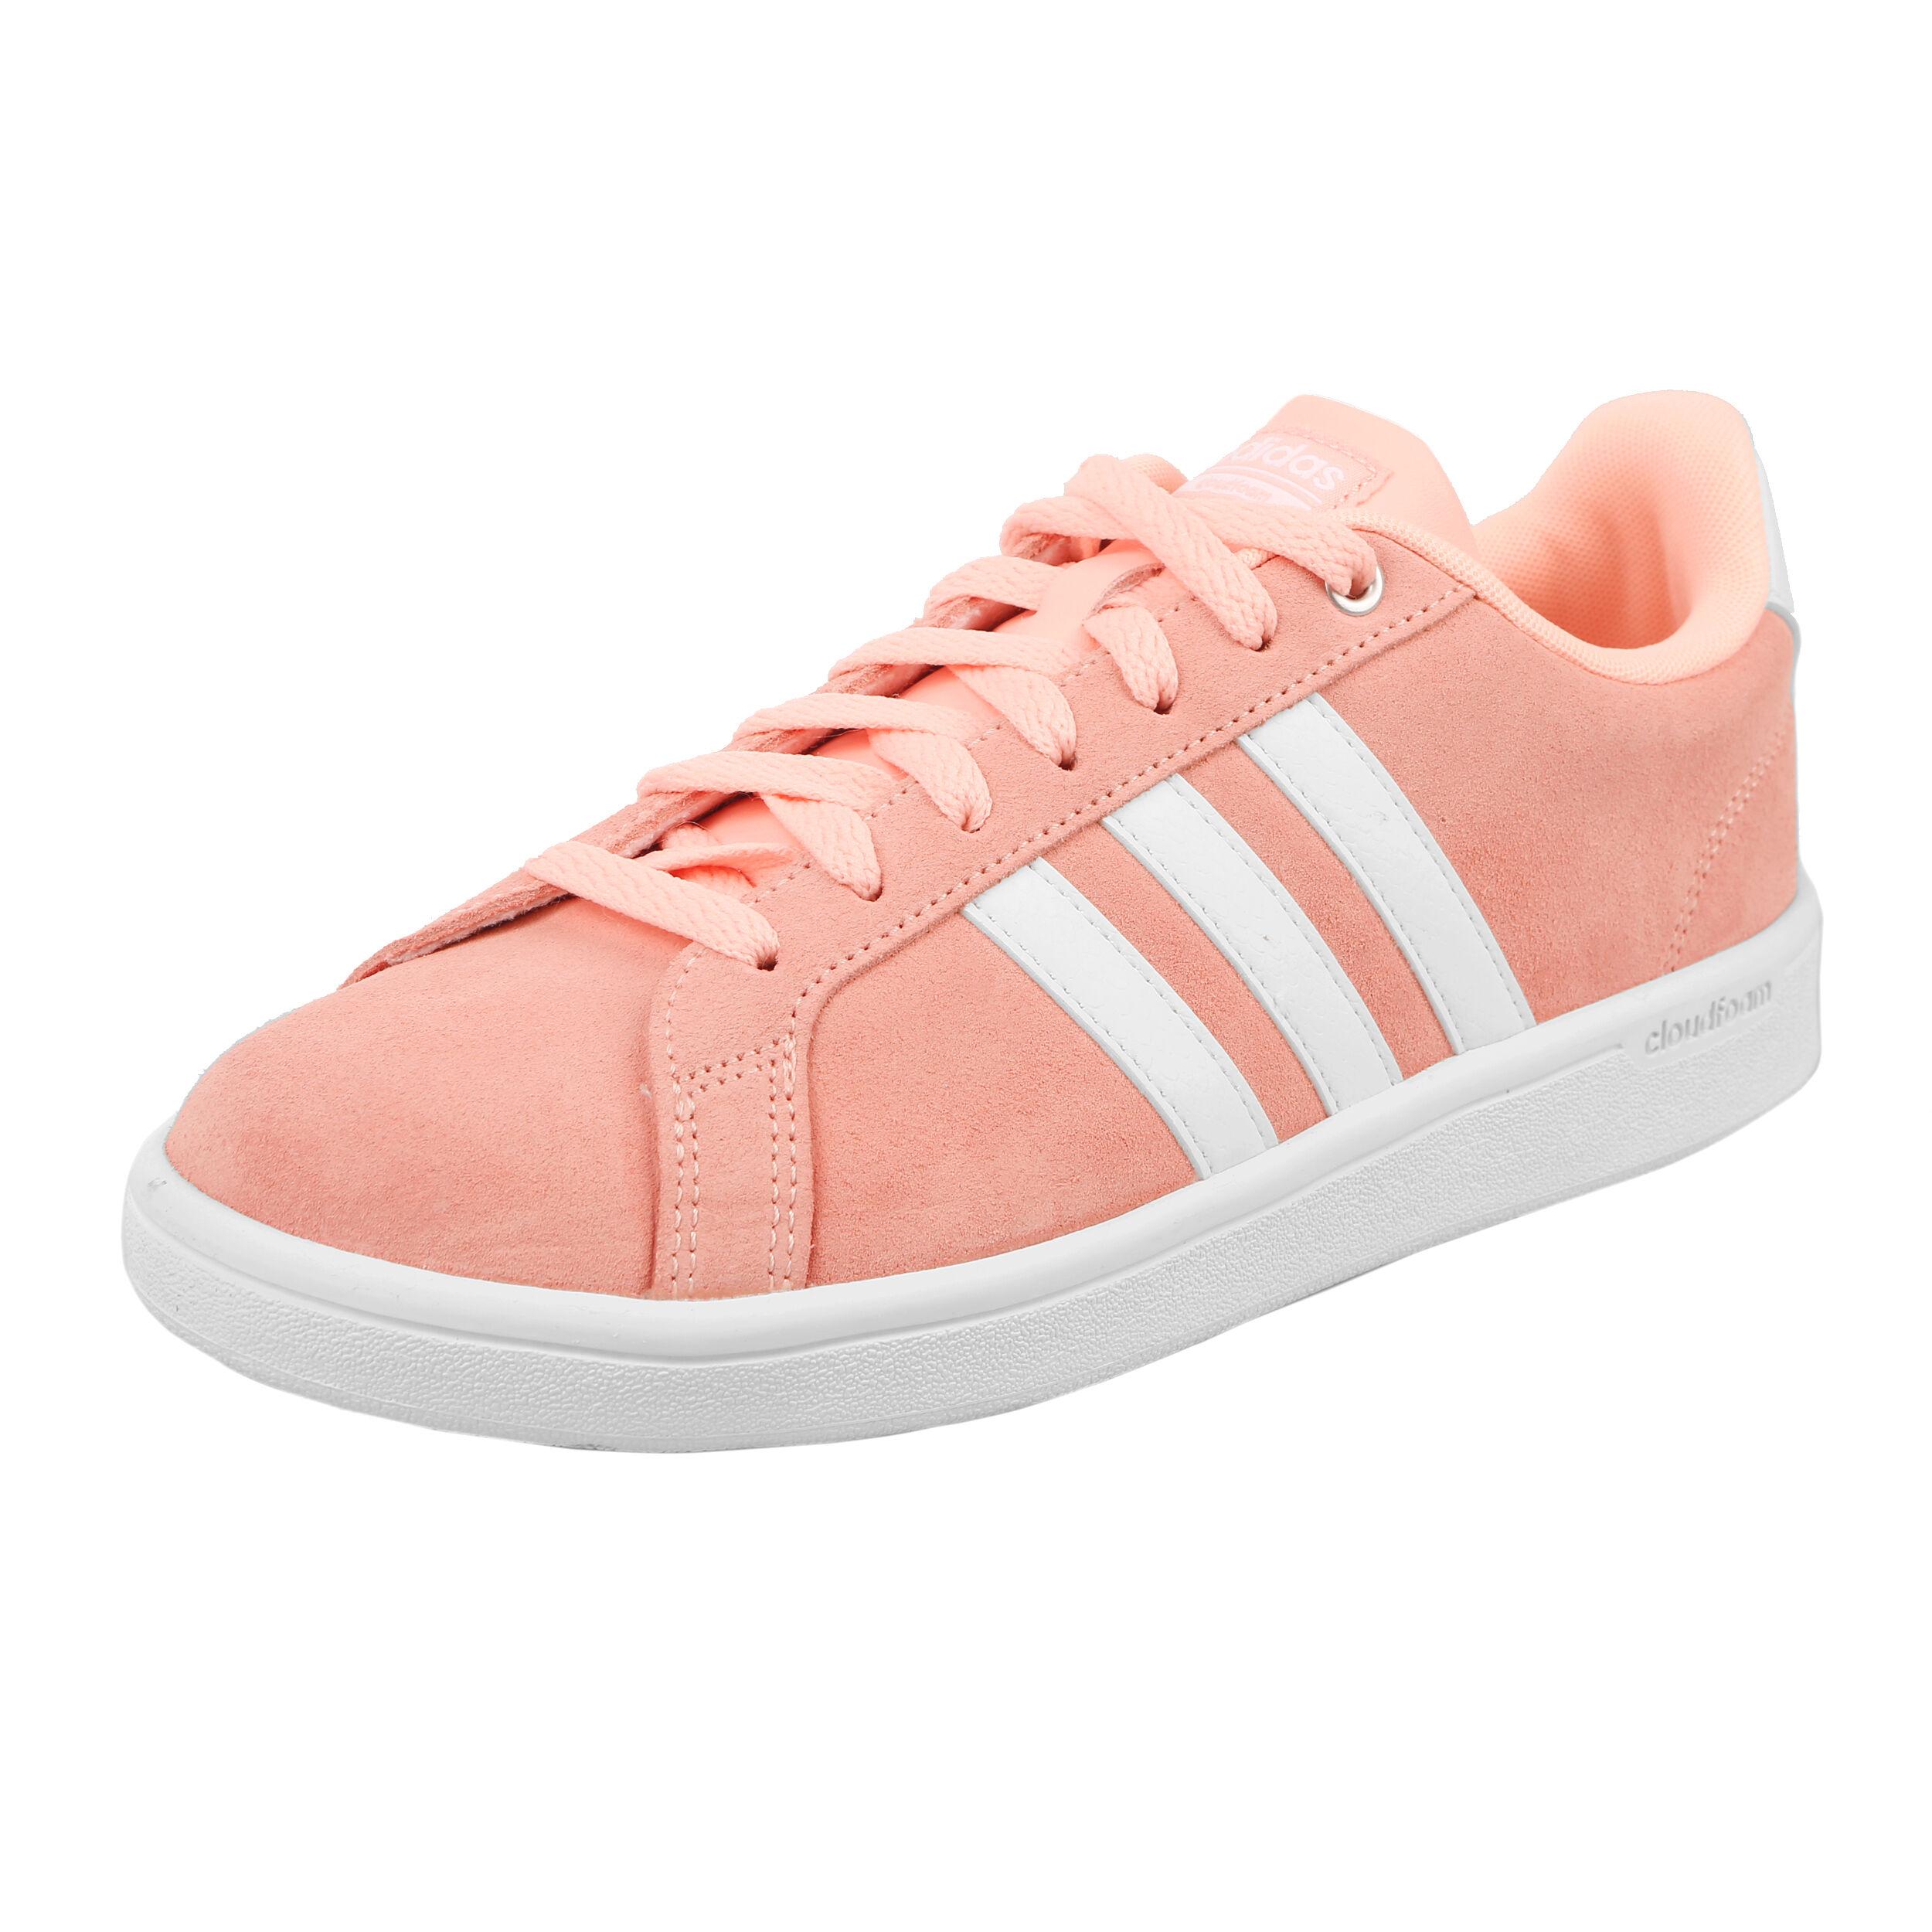 ADIDAS DAMEN COUDFOAM Advantage Clean Weiß Sneaker US 8 Wie